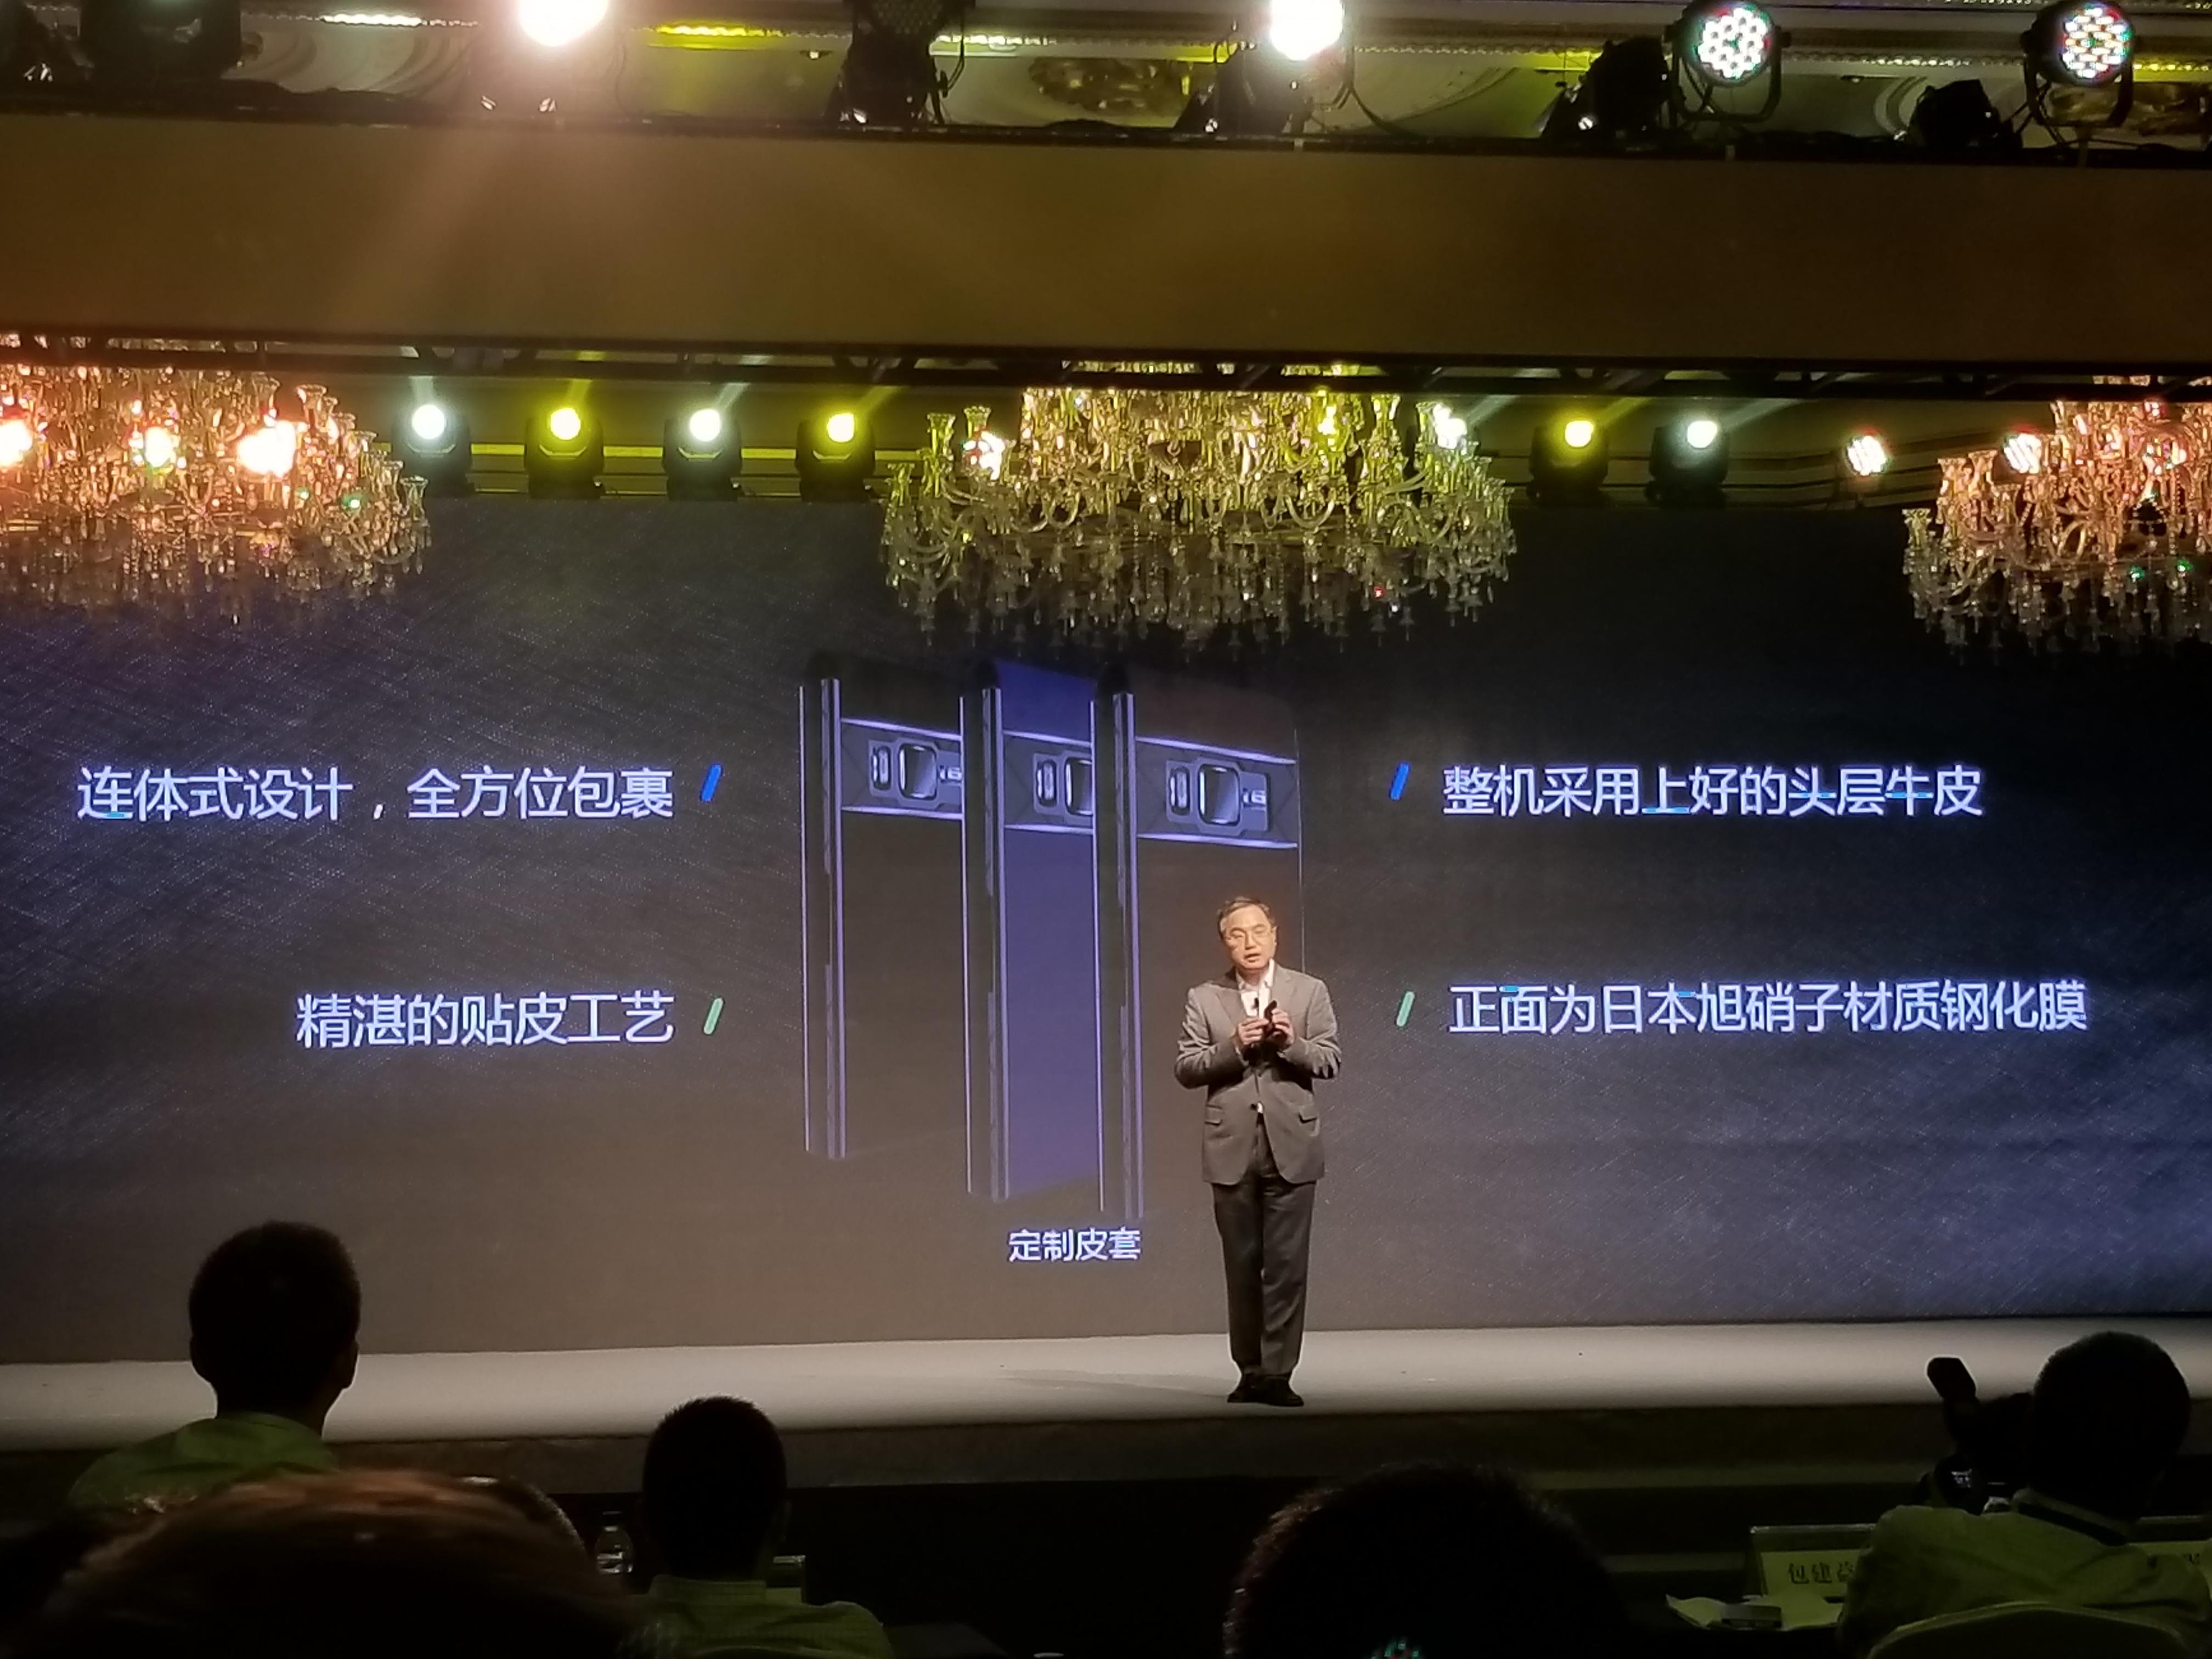 【力皮西】三星中国最强机皇:领世旗舰 8 现场体验